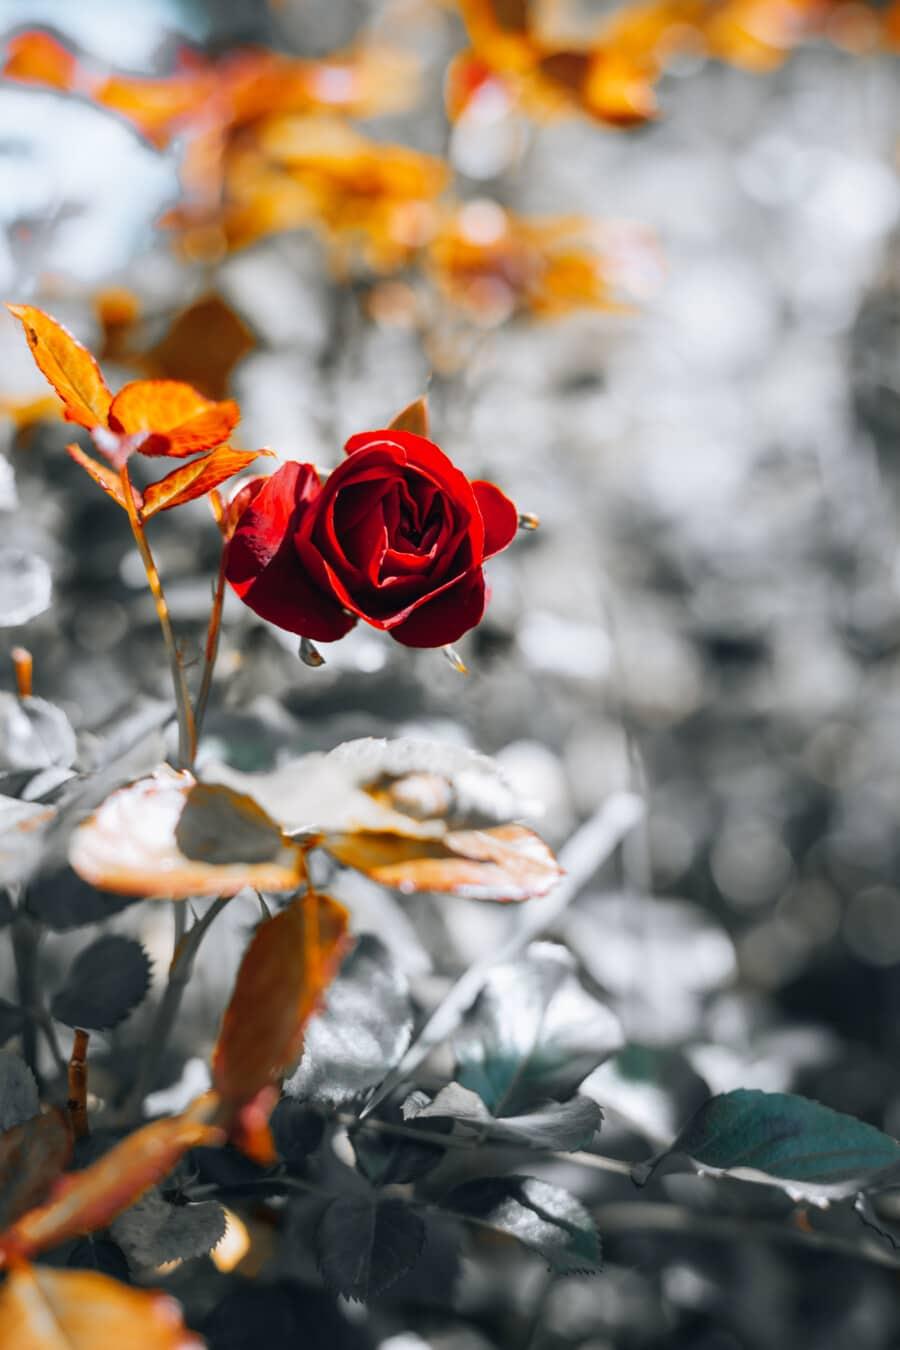 rouge, jaune orangé, des roses, branches, arbuste, horticulture, feuille, nature, fleur, flore